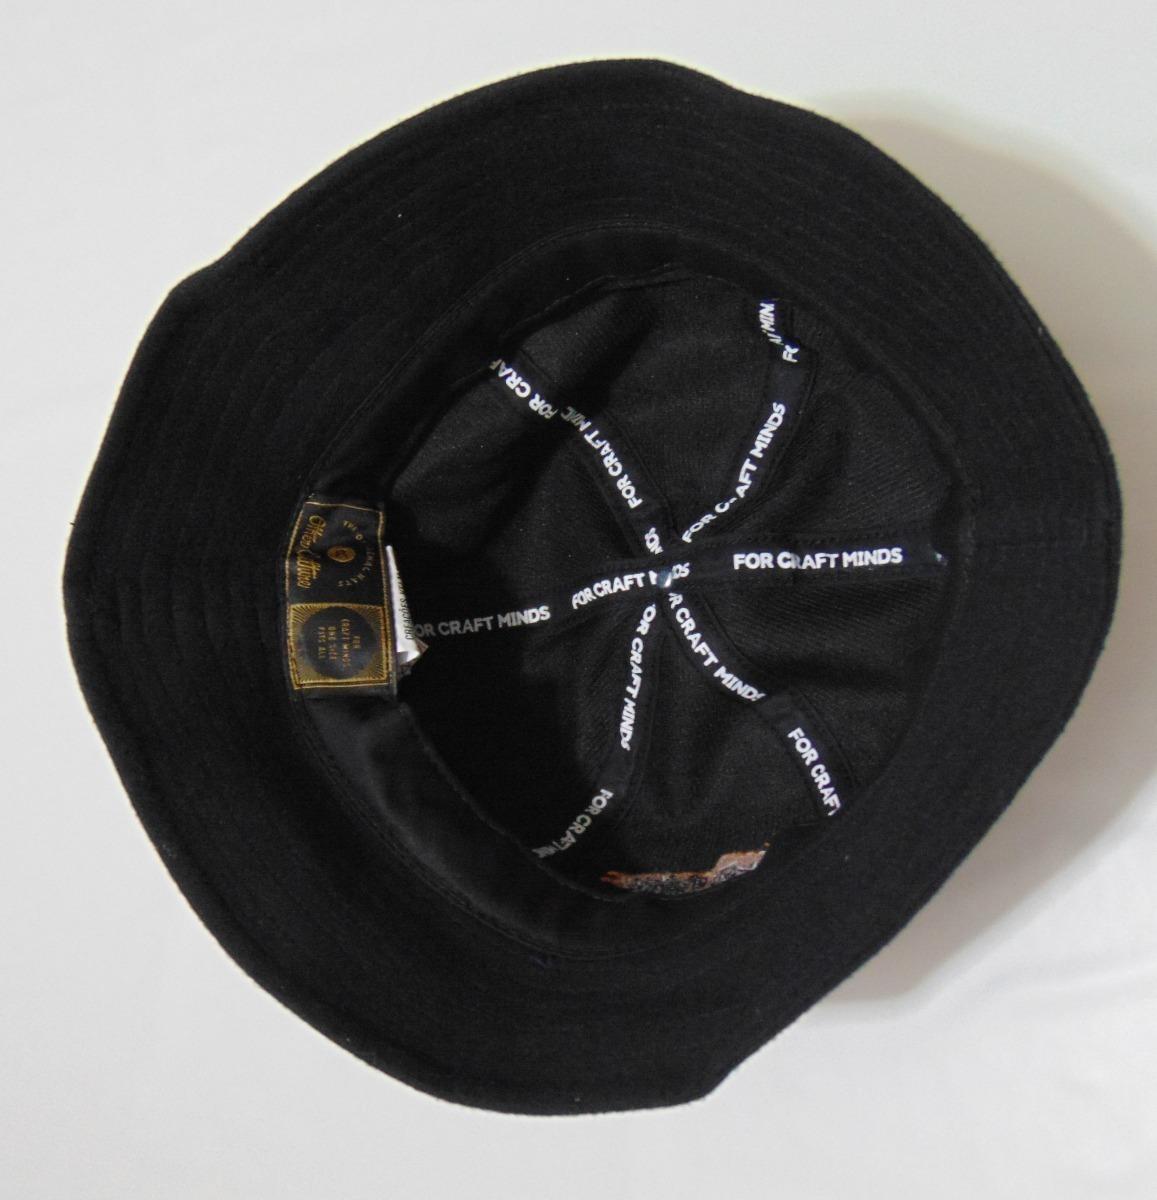 Bucket Other Culture Flangoool - Bonés Skate - Original - R  115 f10cdf06492